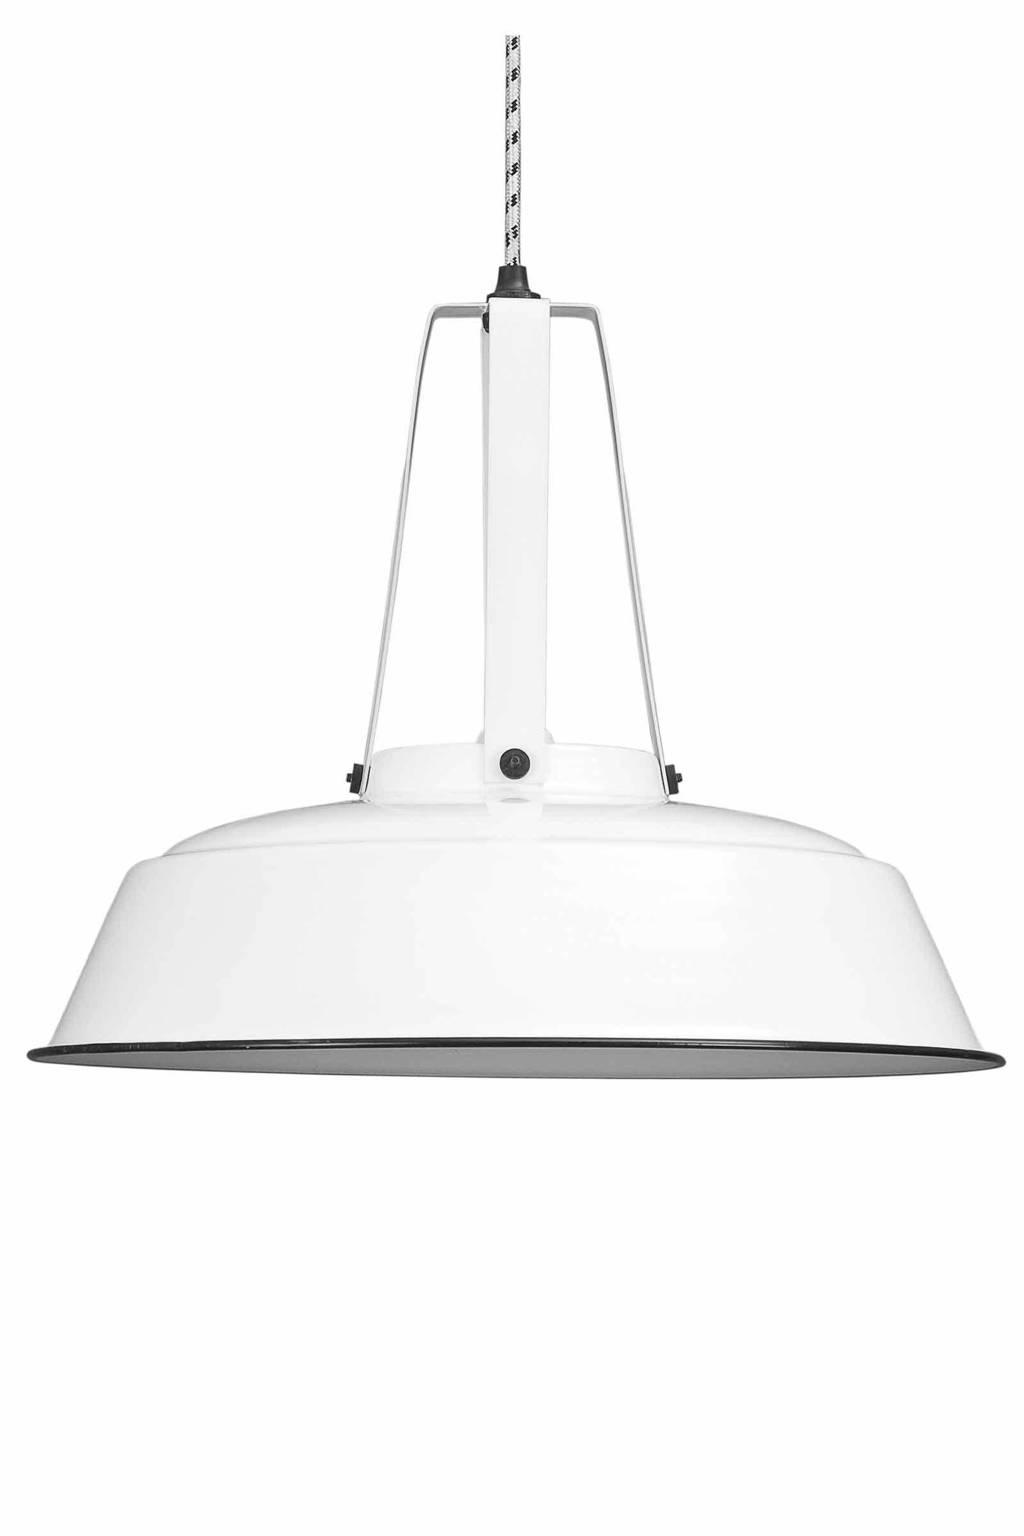 HKliving hanglamp L, Wit